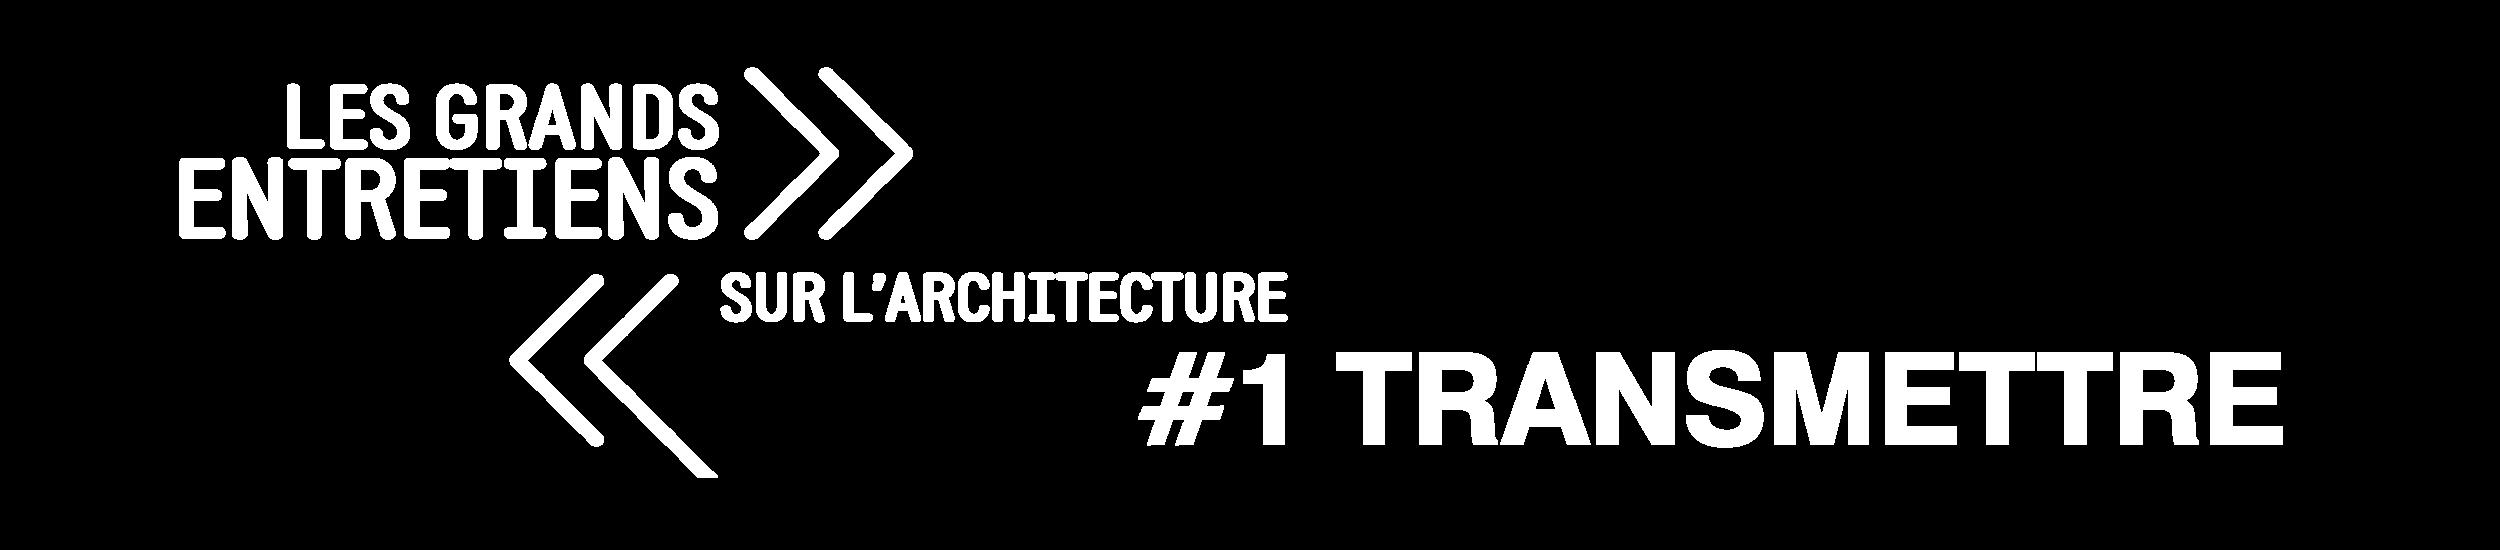 LES GRANDS ENTRETIENS SUR L'ARCHITECTURE #1_LOGO.png